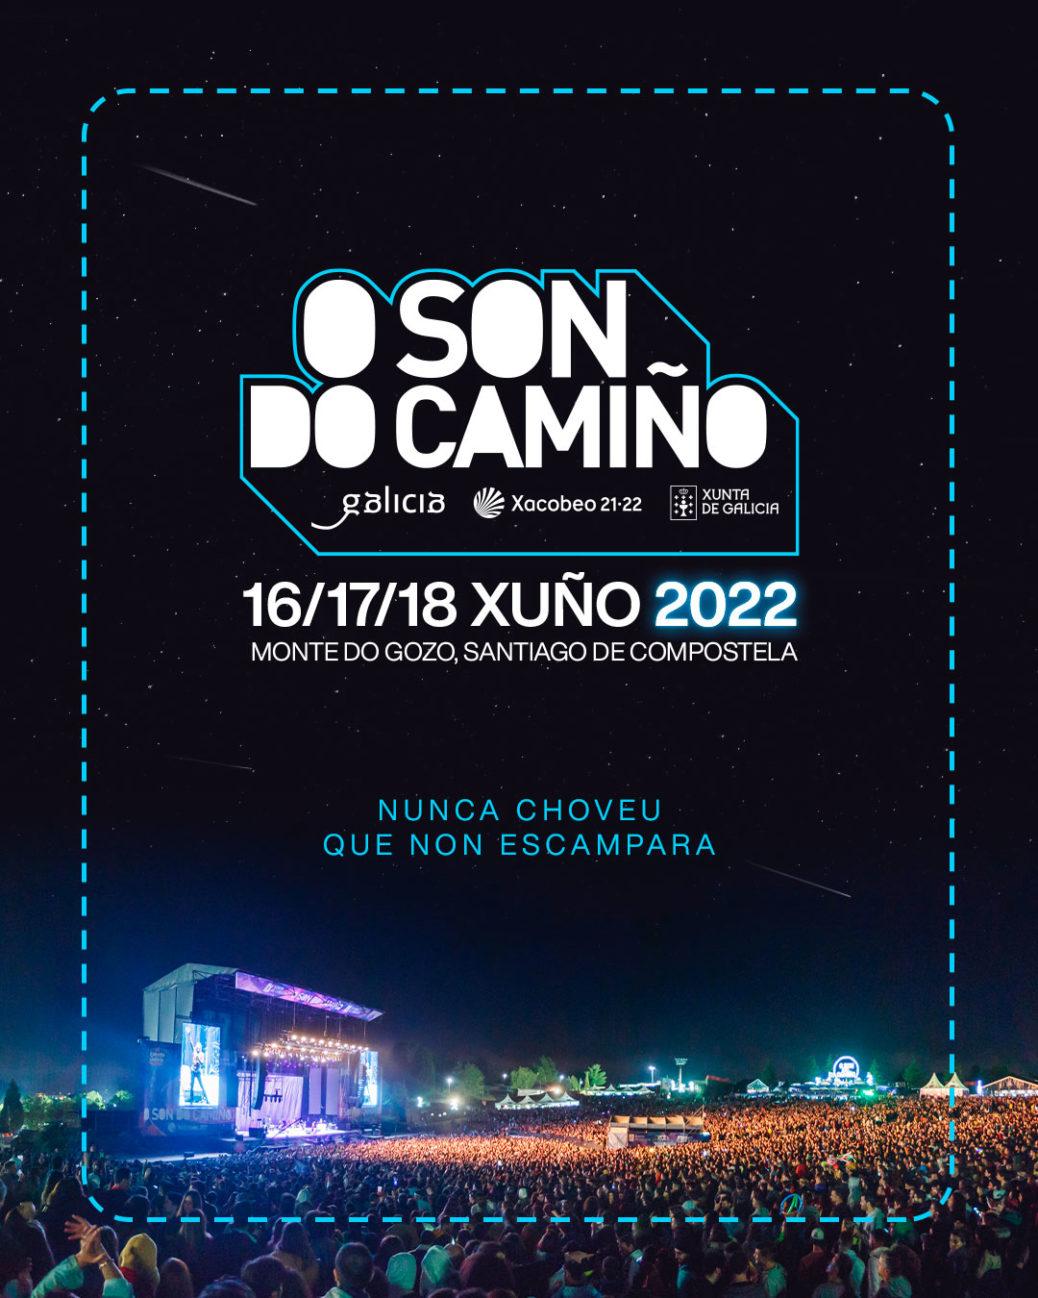 """""""Nunca choveu que no escampara"""" O Son do Camiño se aplaza a 2022"""